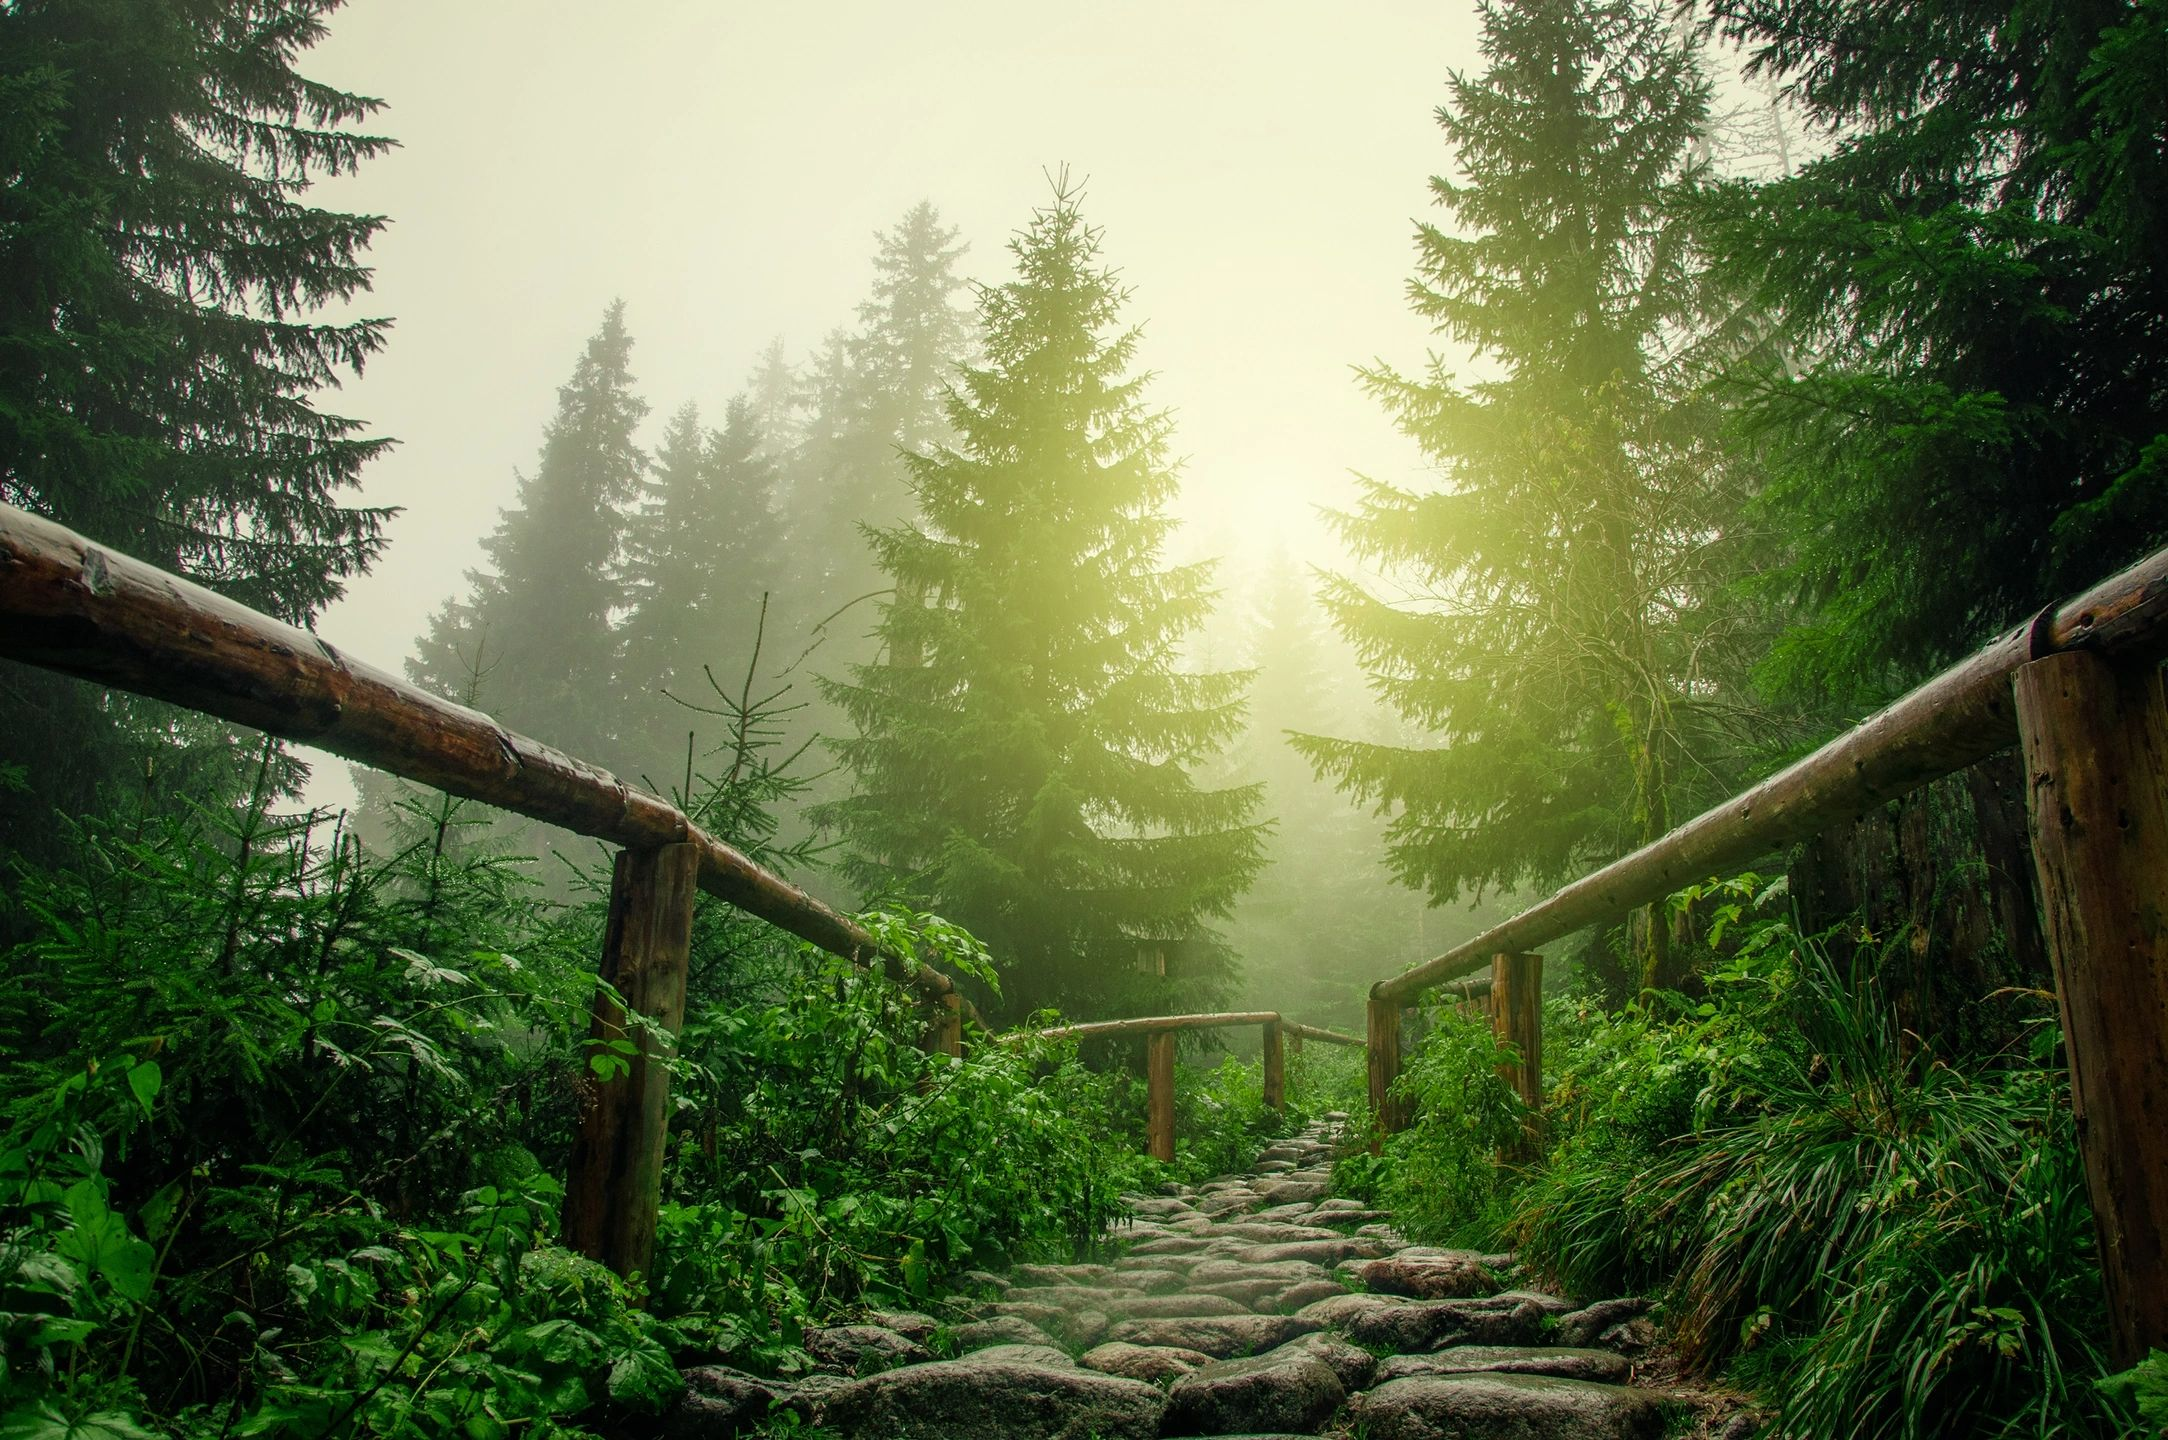 A Better Path